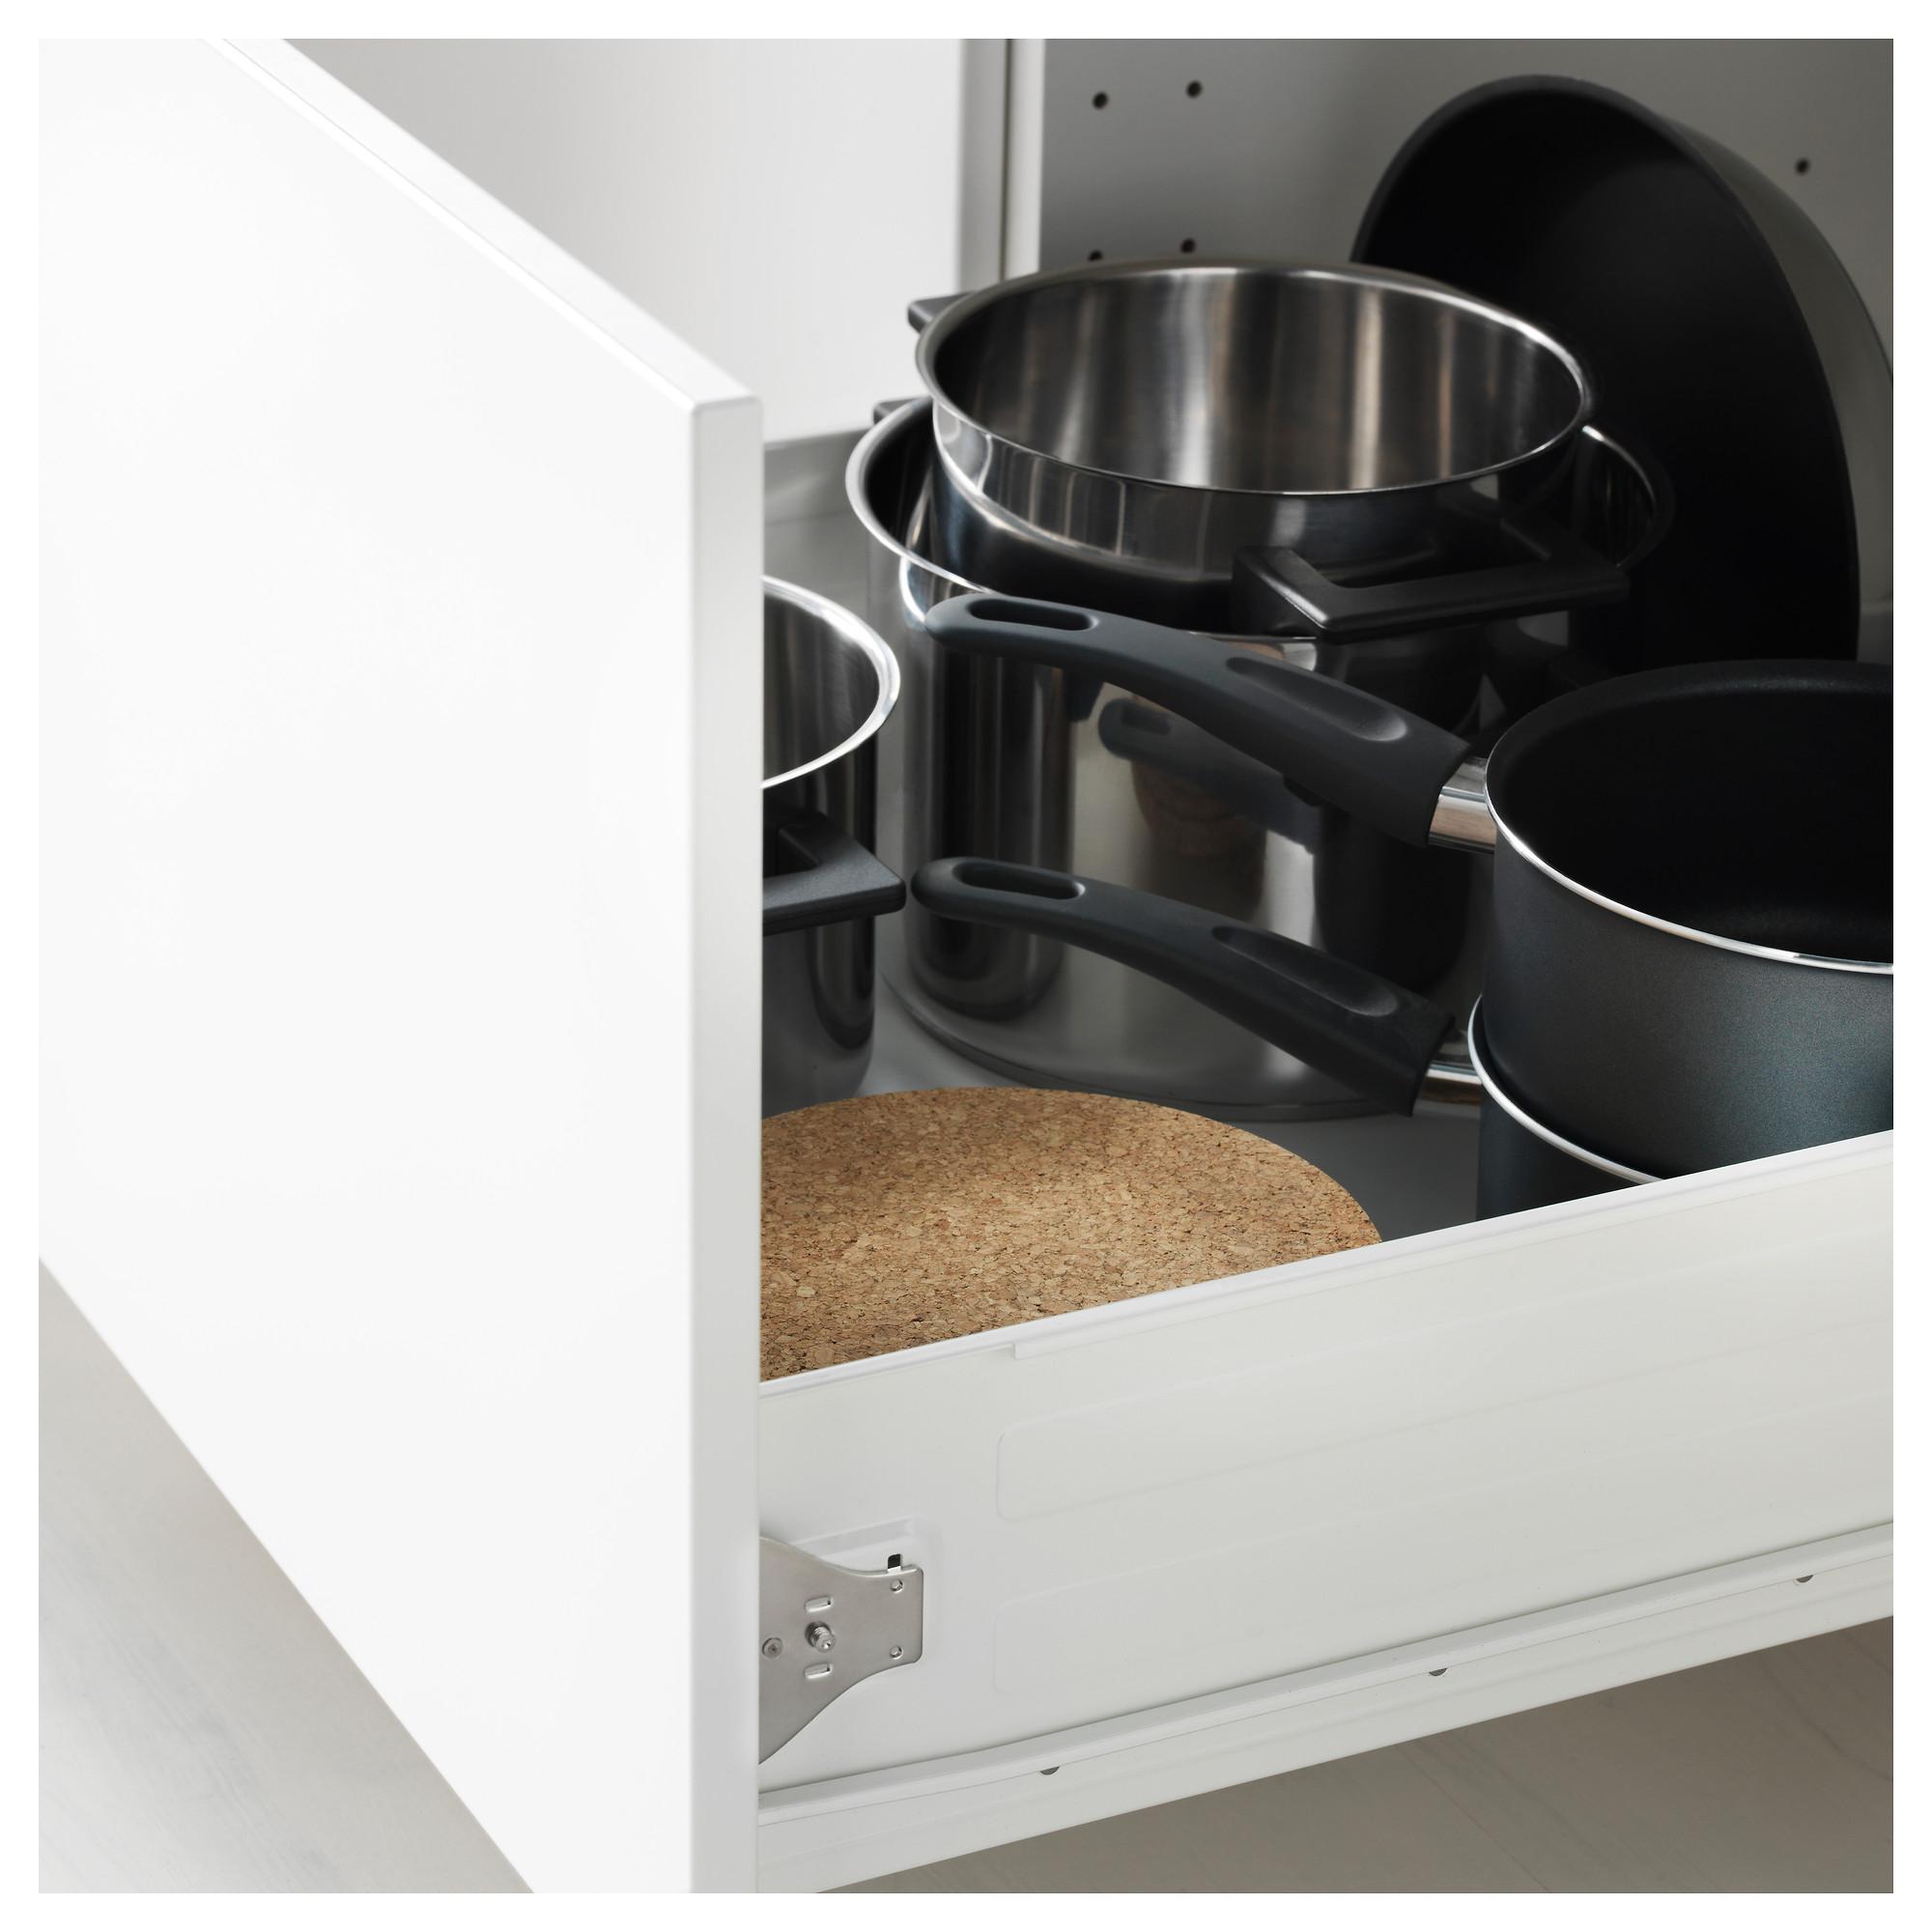 Высокий шкаф для духовки, дверца, 4 ящика МЕТОД / ФОРВАРА черный артикуль № 992.647.75 в наличии. Онлайн магазин ИКЕА РБ. Недорогая доставка и соборка.